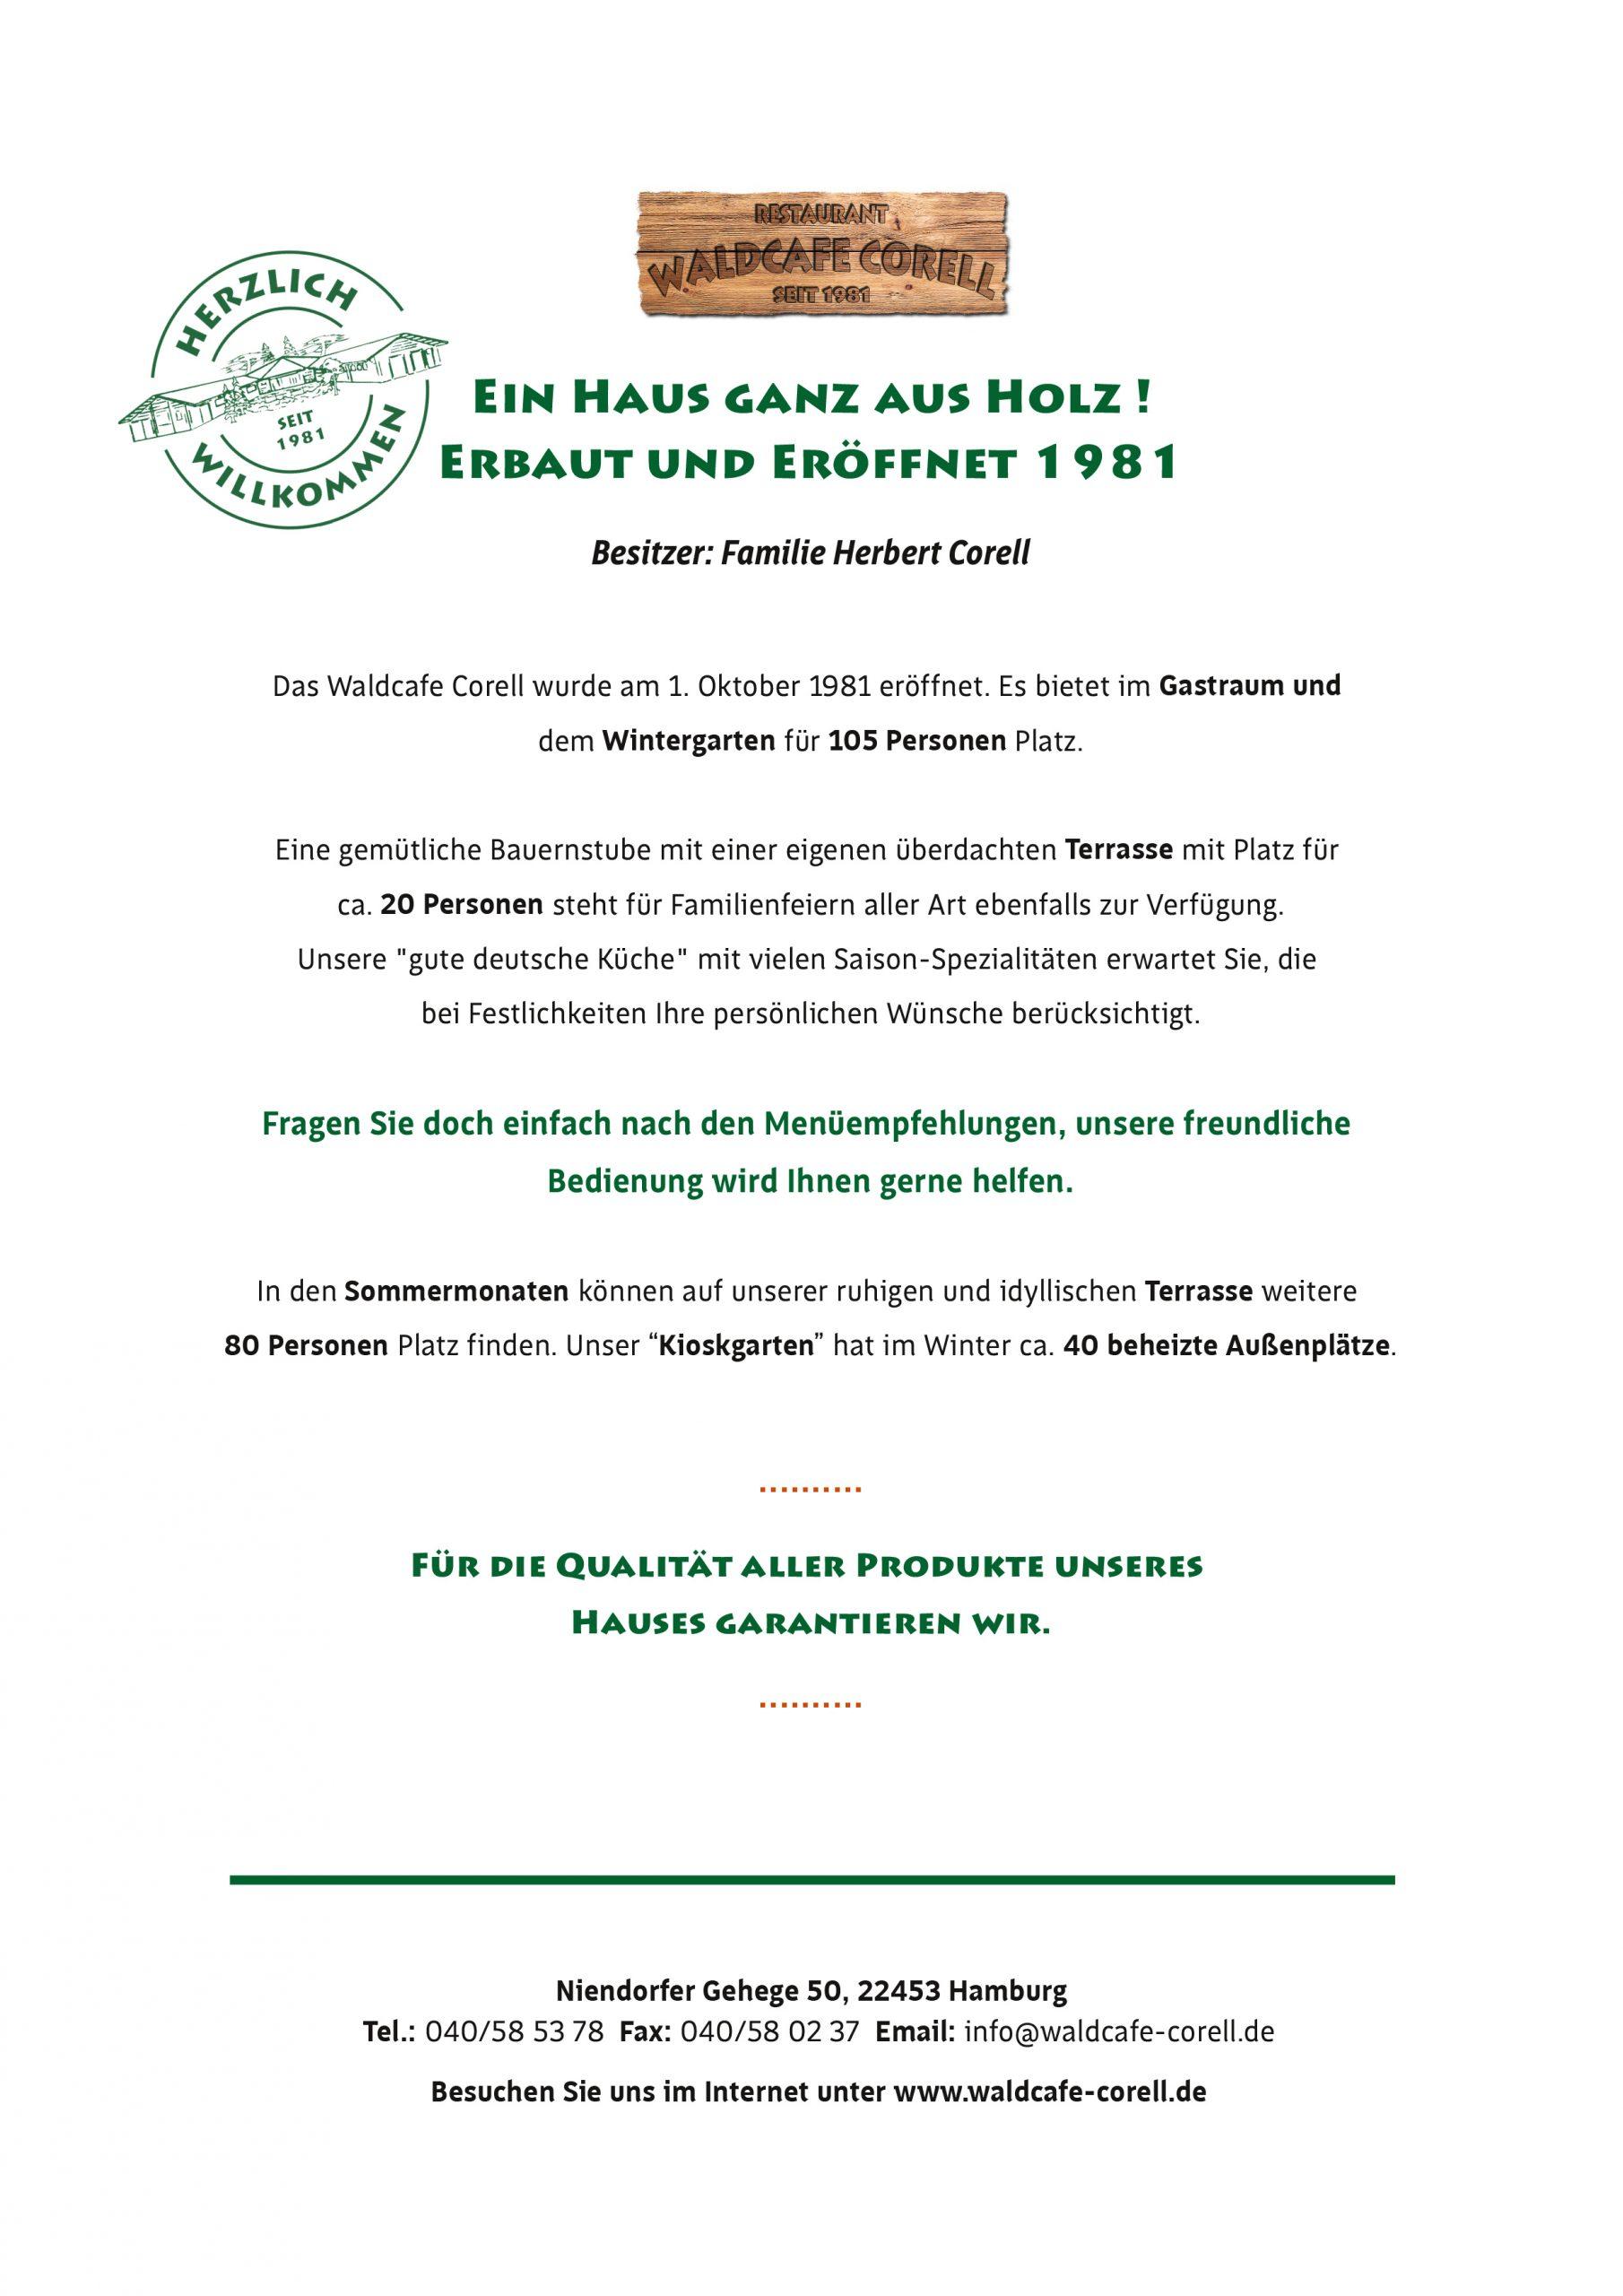 Waldcafe Corell, Speisekarte Seite 2